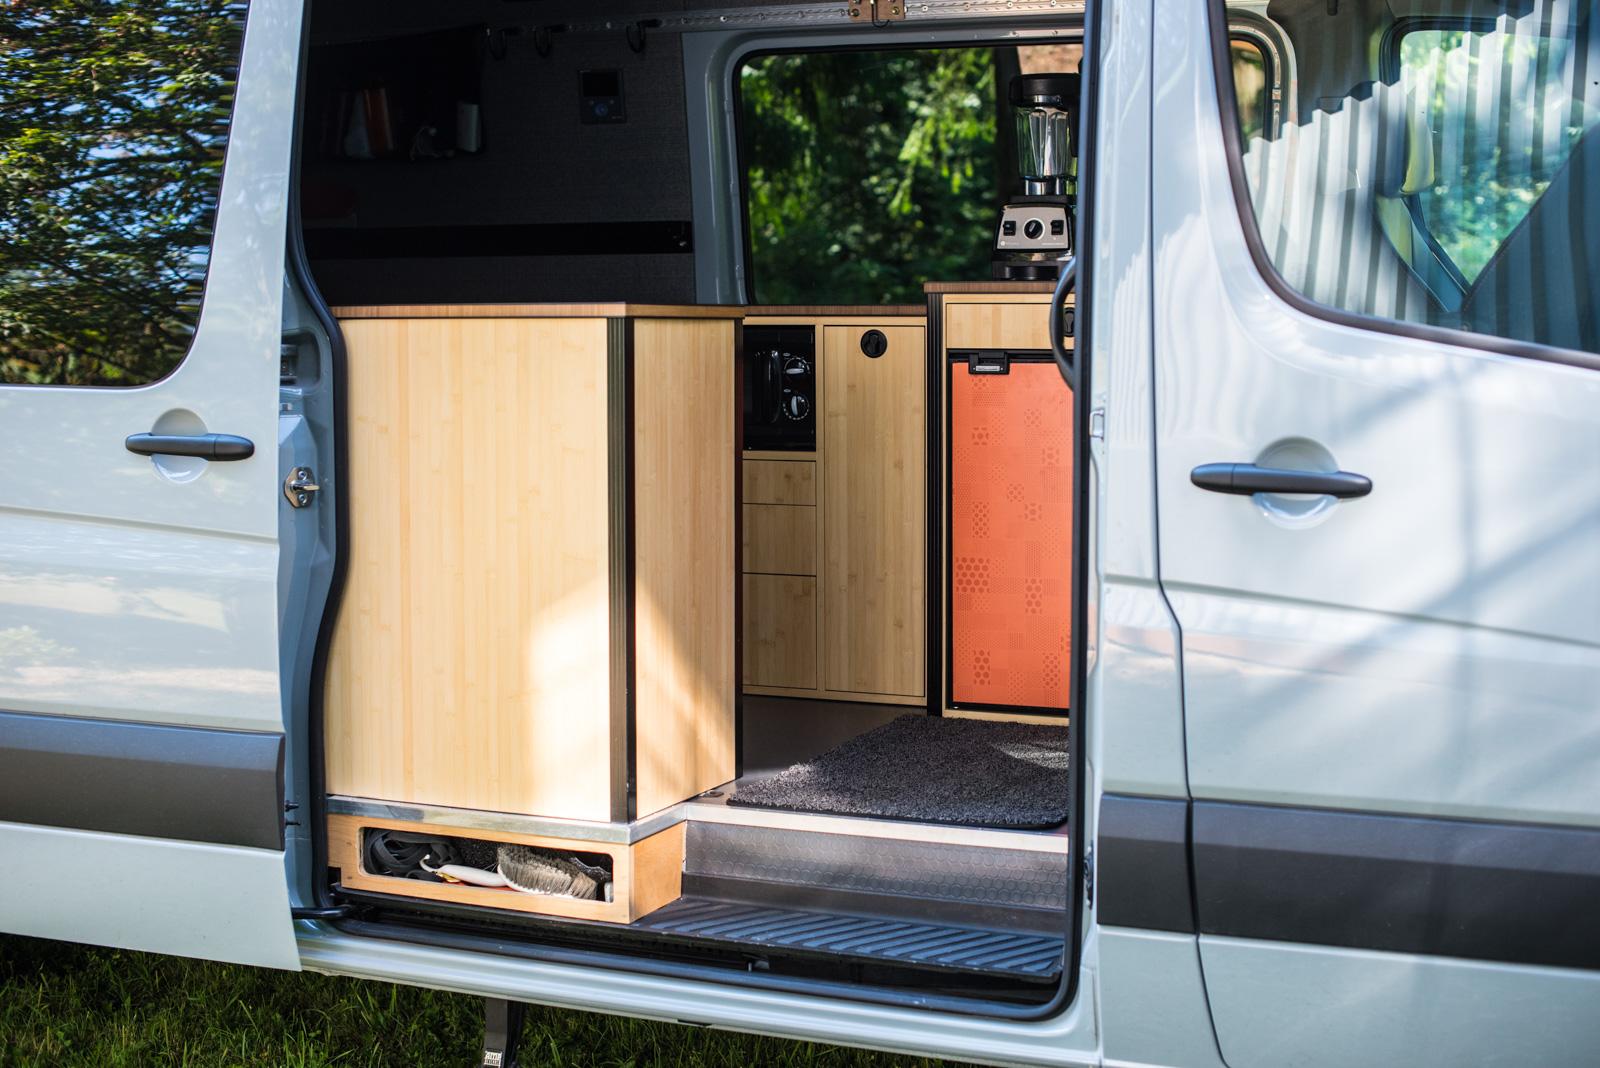 View of cabinets through open sliding door